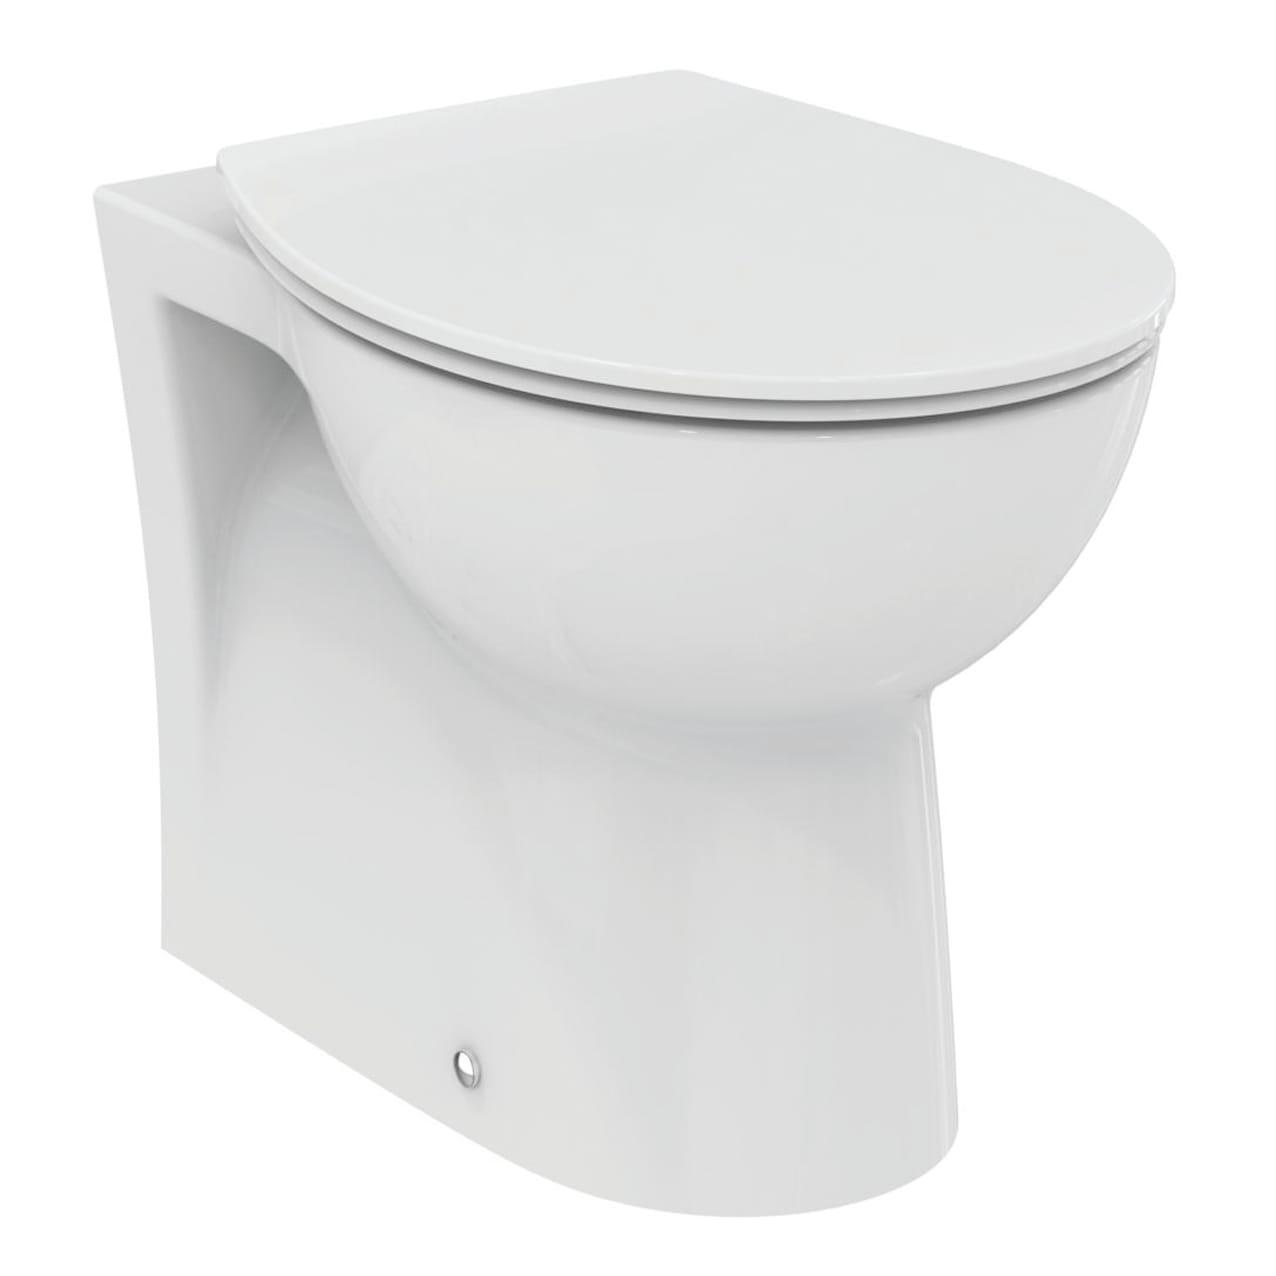 Vaso Ceramica Dolomite Miky.Vaso Wc A Pavimento Miky Ceramica Dolomite Prezzo Online Leroy Merlin